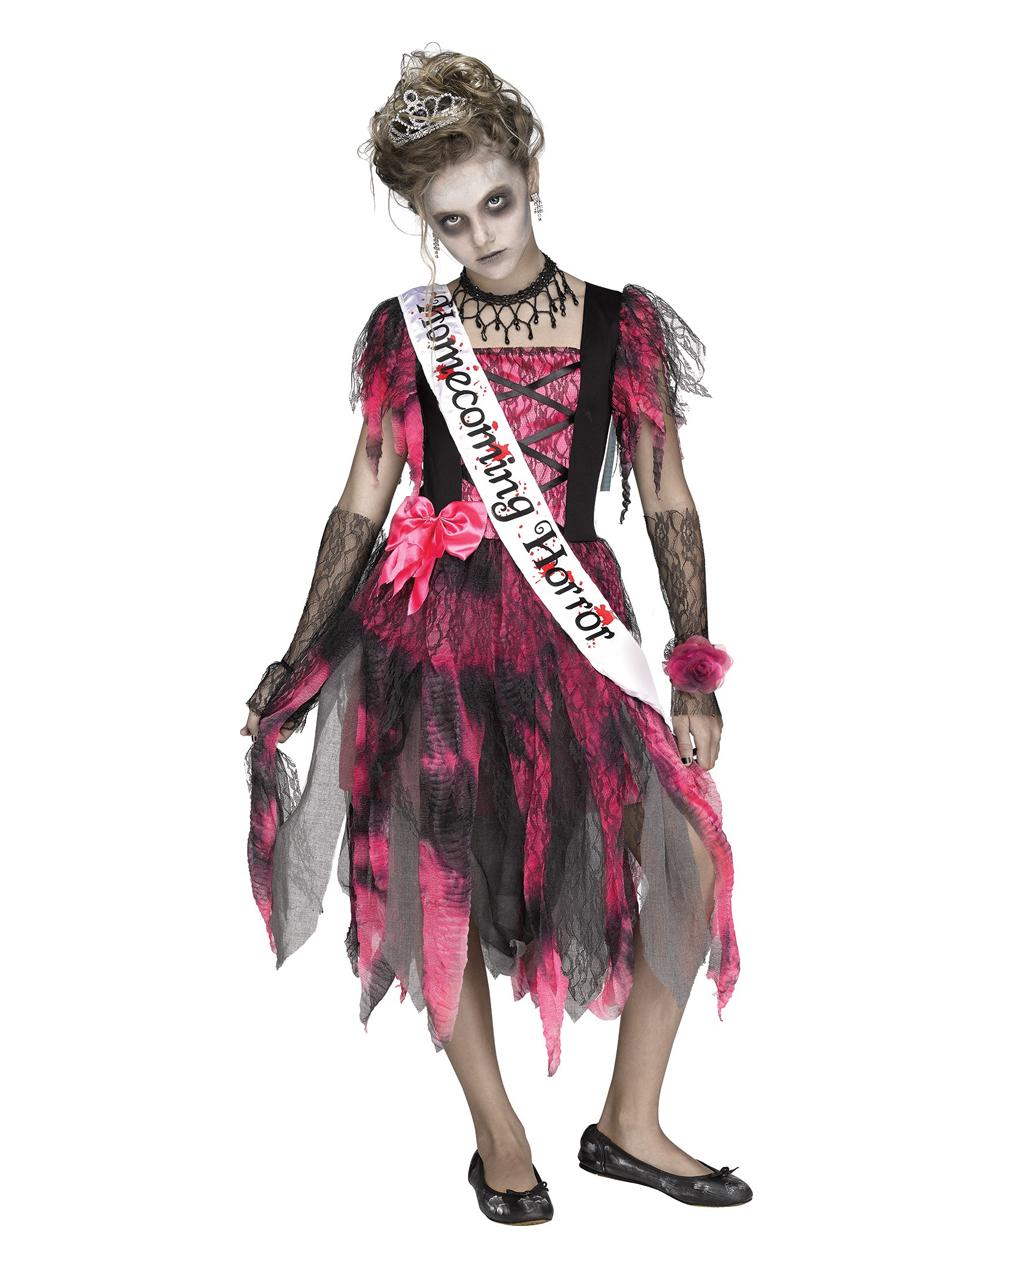 CHILD GIRLS ZOMBIE ROCKER SCARY FANCY DRESS HALLOWEEN PUNK COSTUME